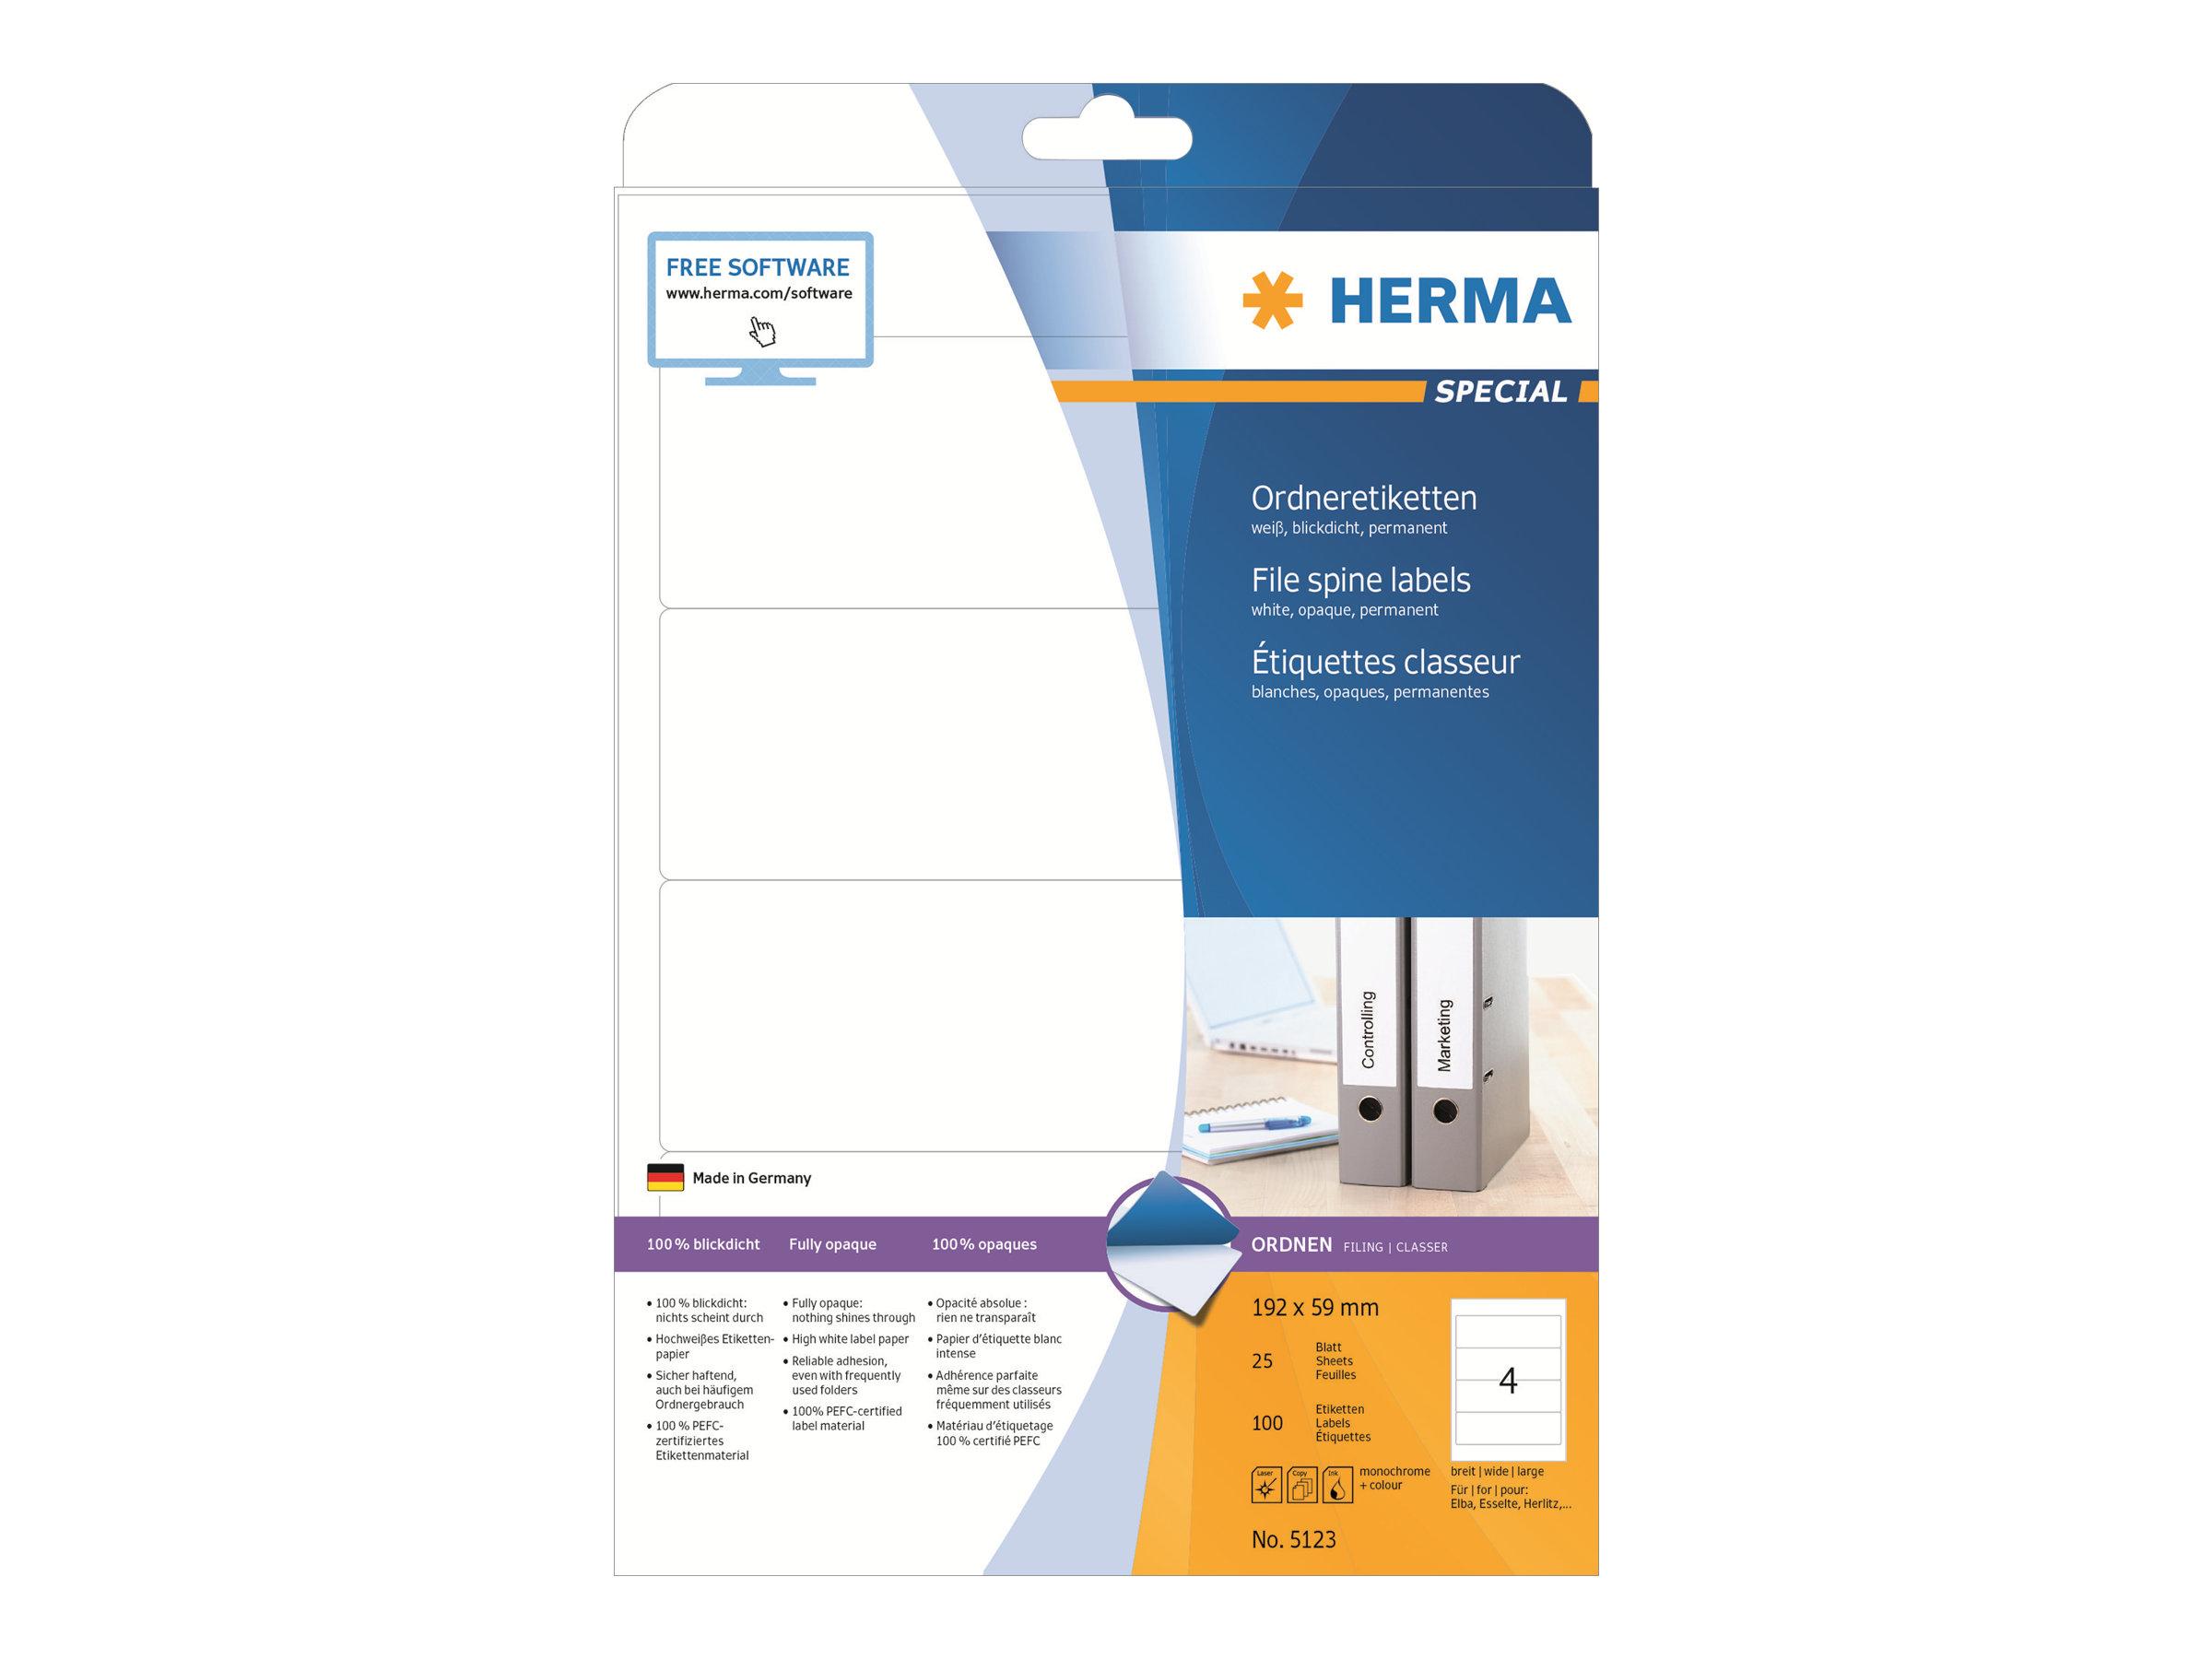 HERMA Special - Papier - matt - permanent selbstklebend - perforiert - weiß - 192 x 59 mm 100 Etikett(en) (25 Bogen x 4)